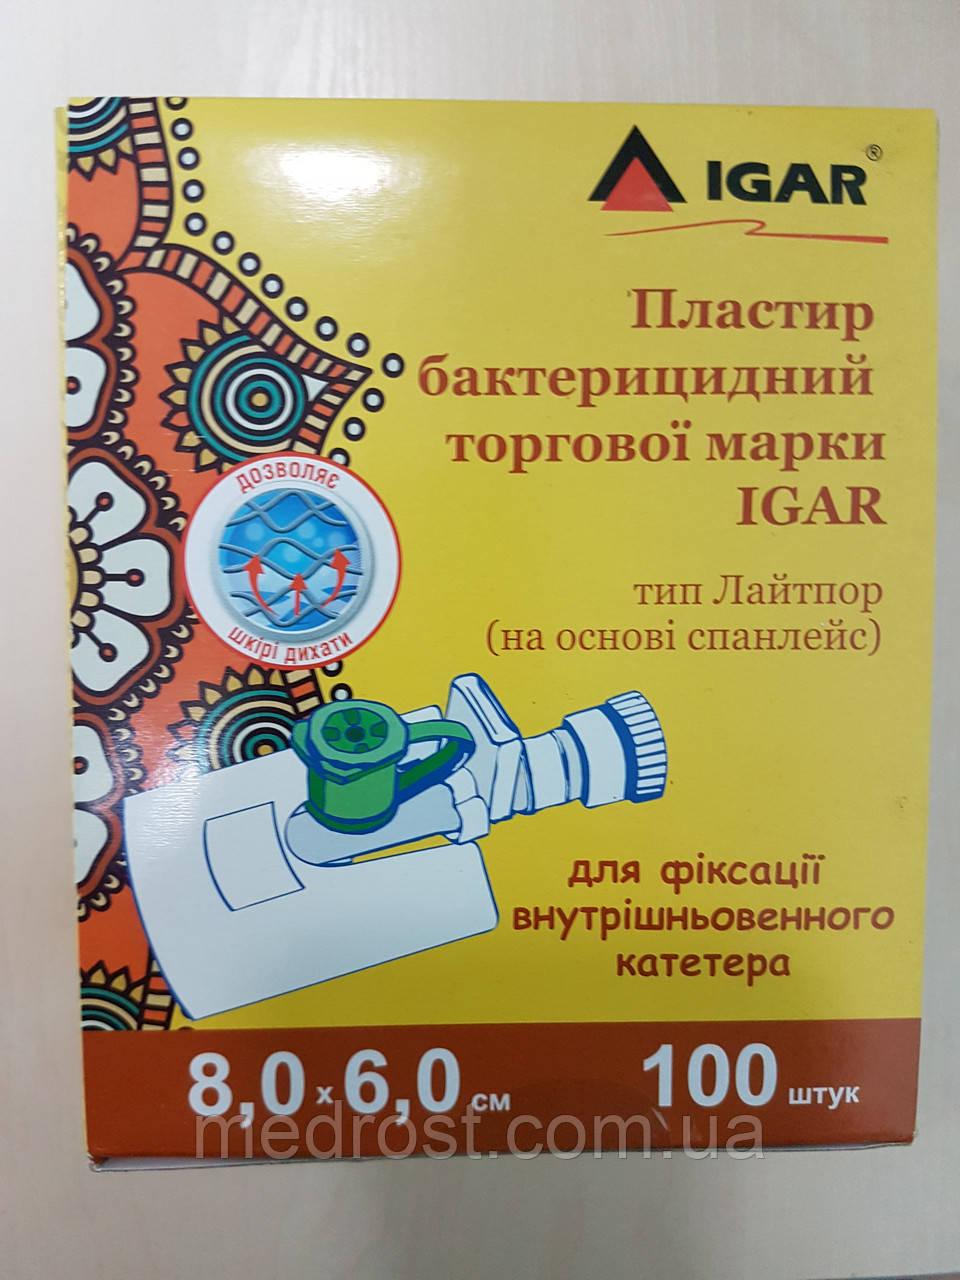 Пластырная повязка для фиксации внутривенного катетера 6 х 8 см